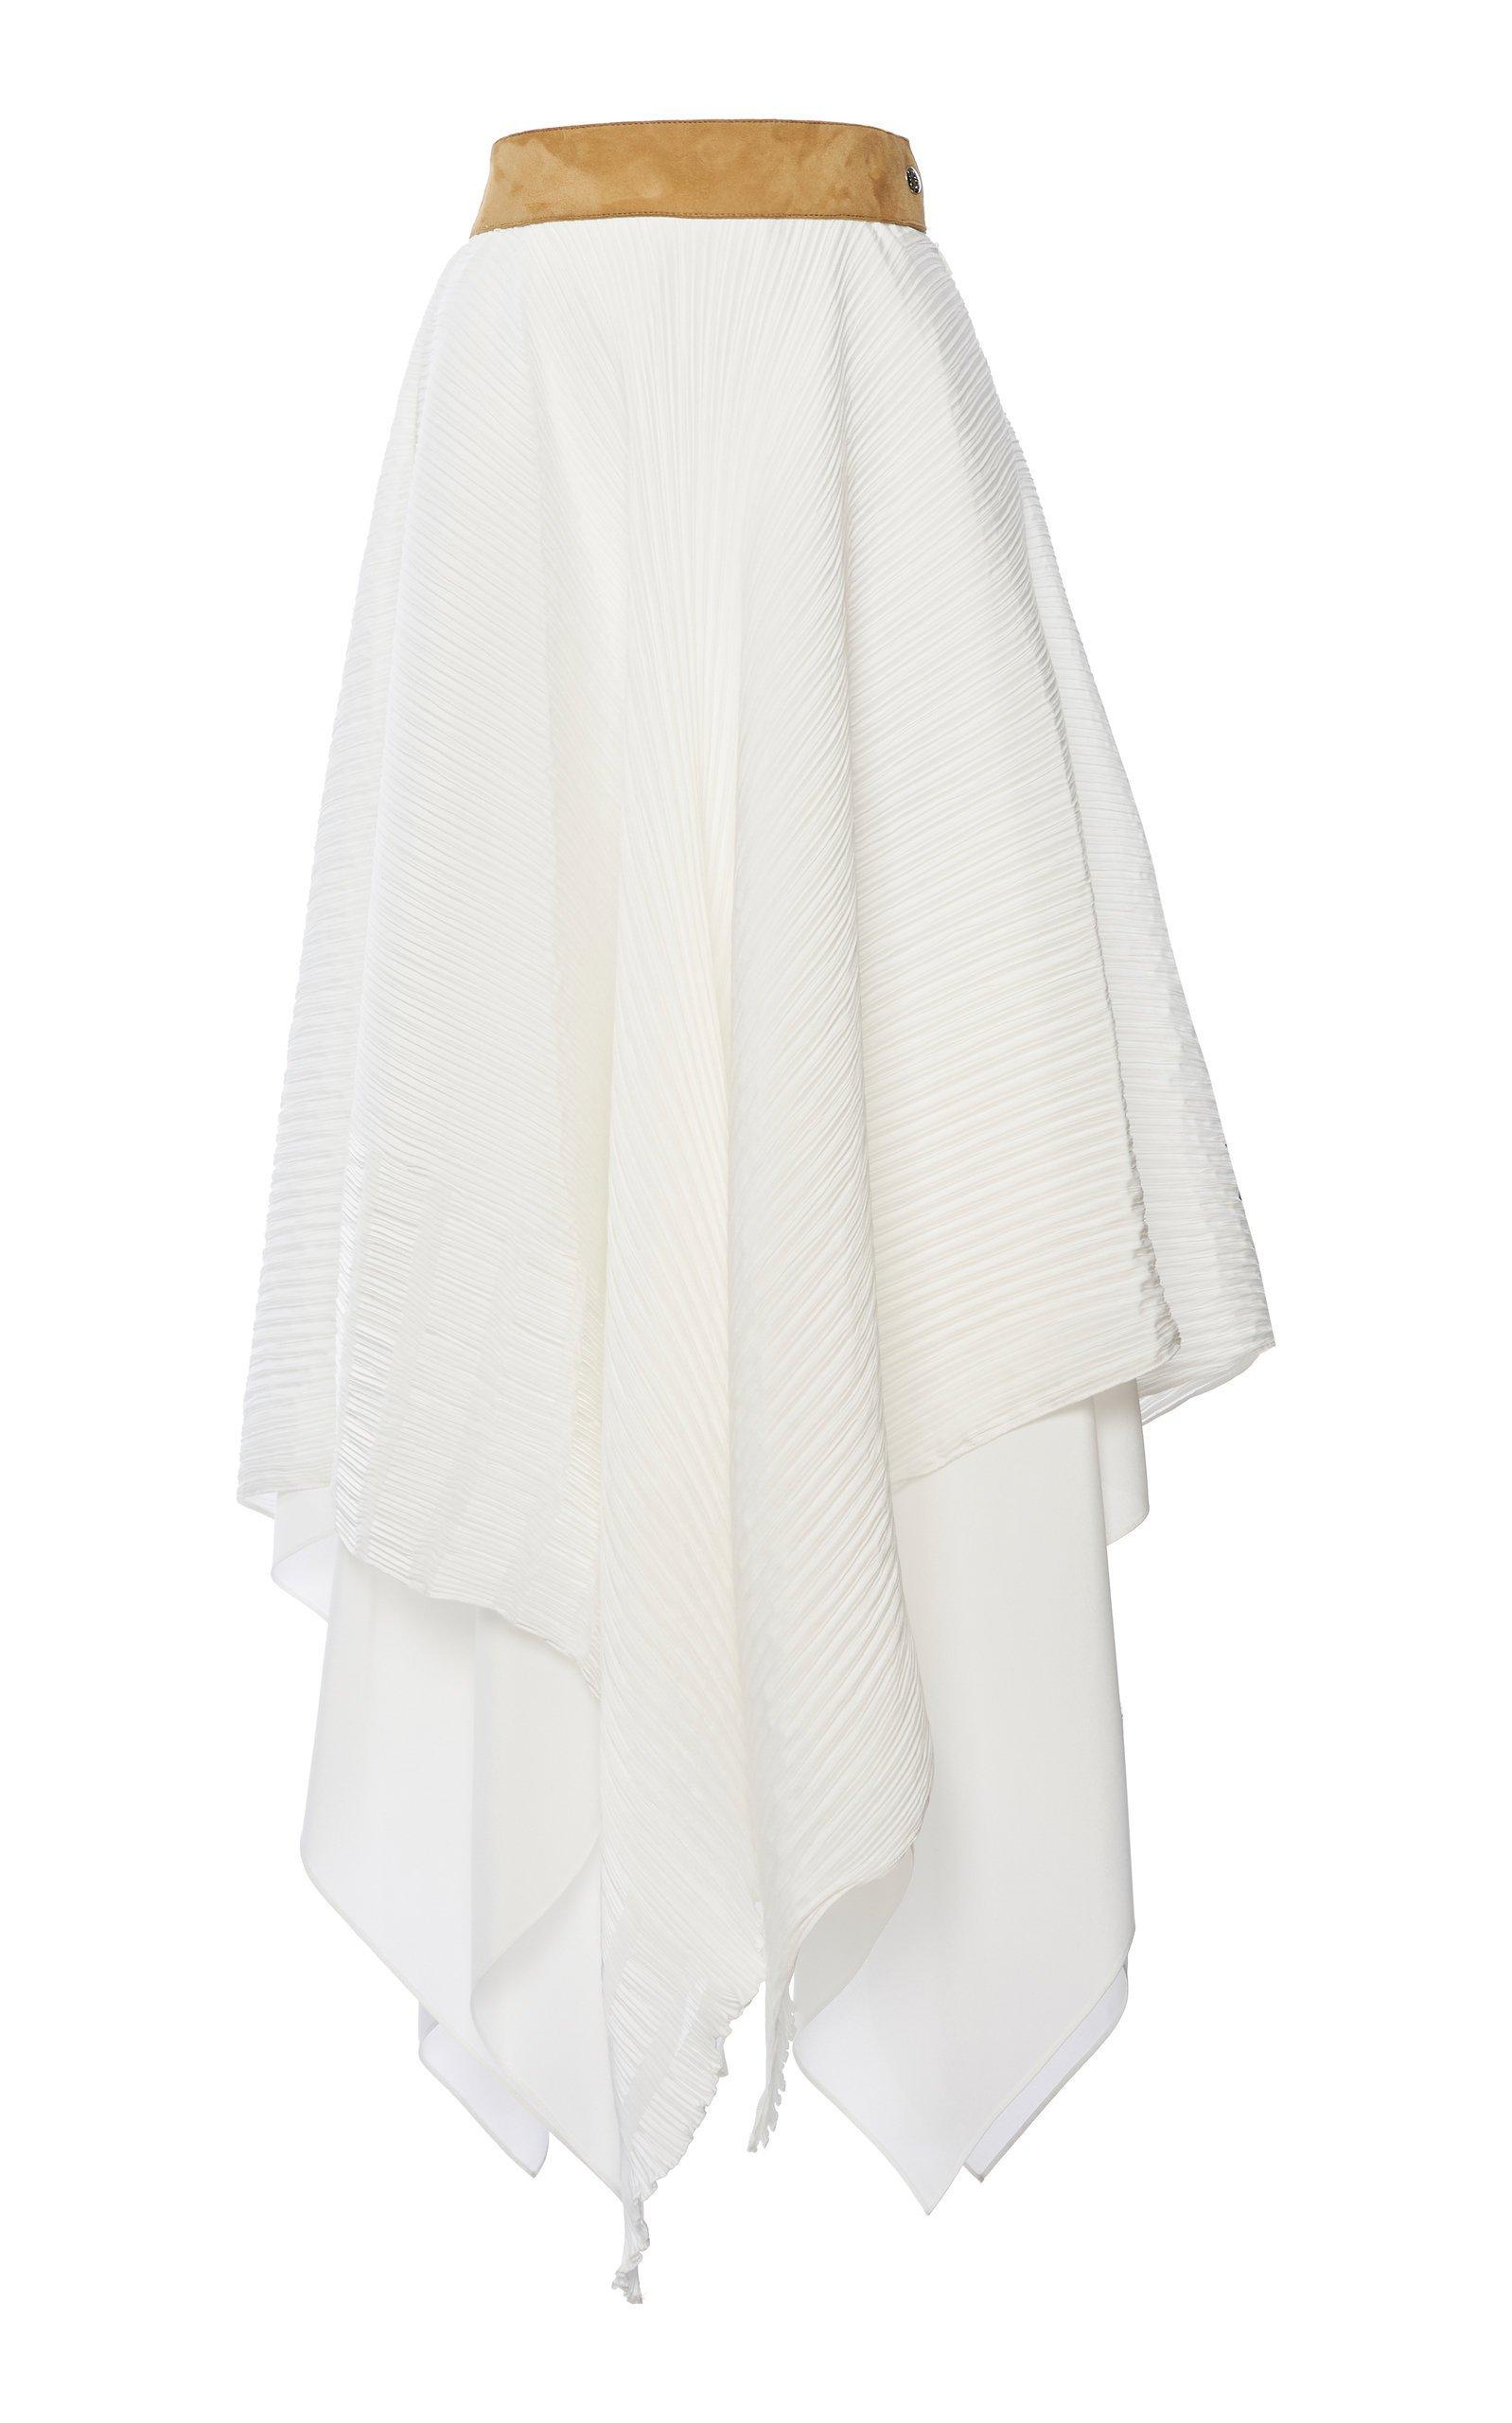 Loewe Plissé Asymmetric Skirt Size: 42